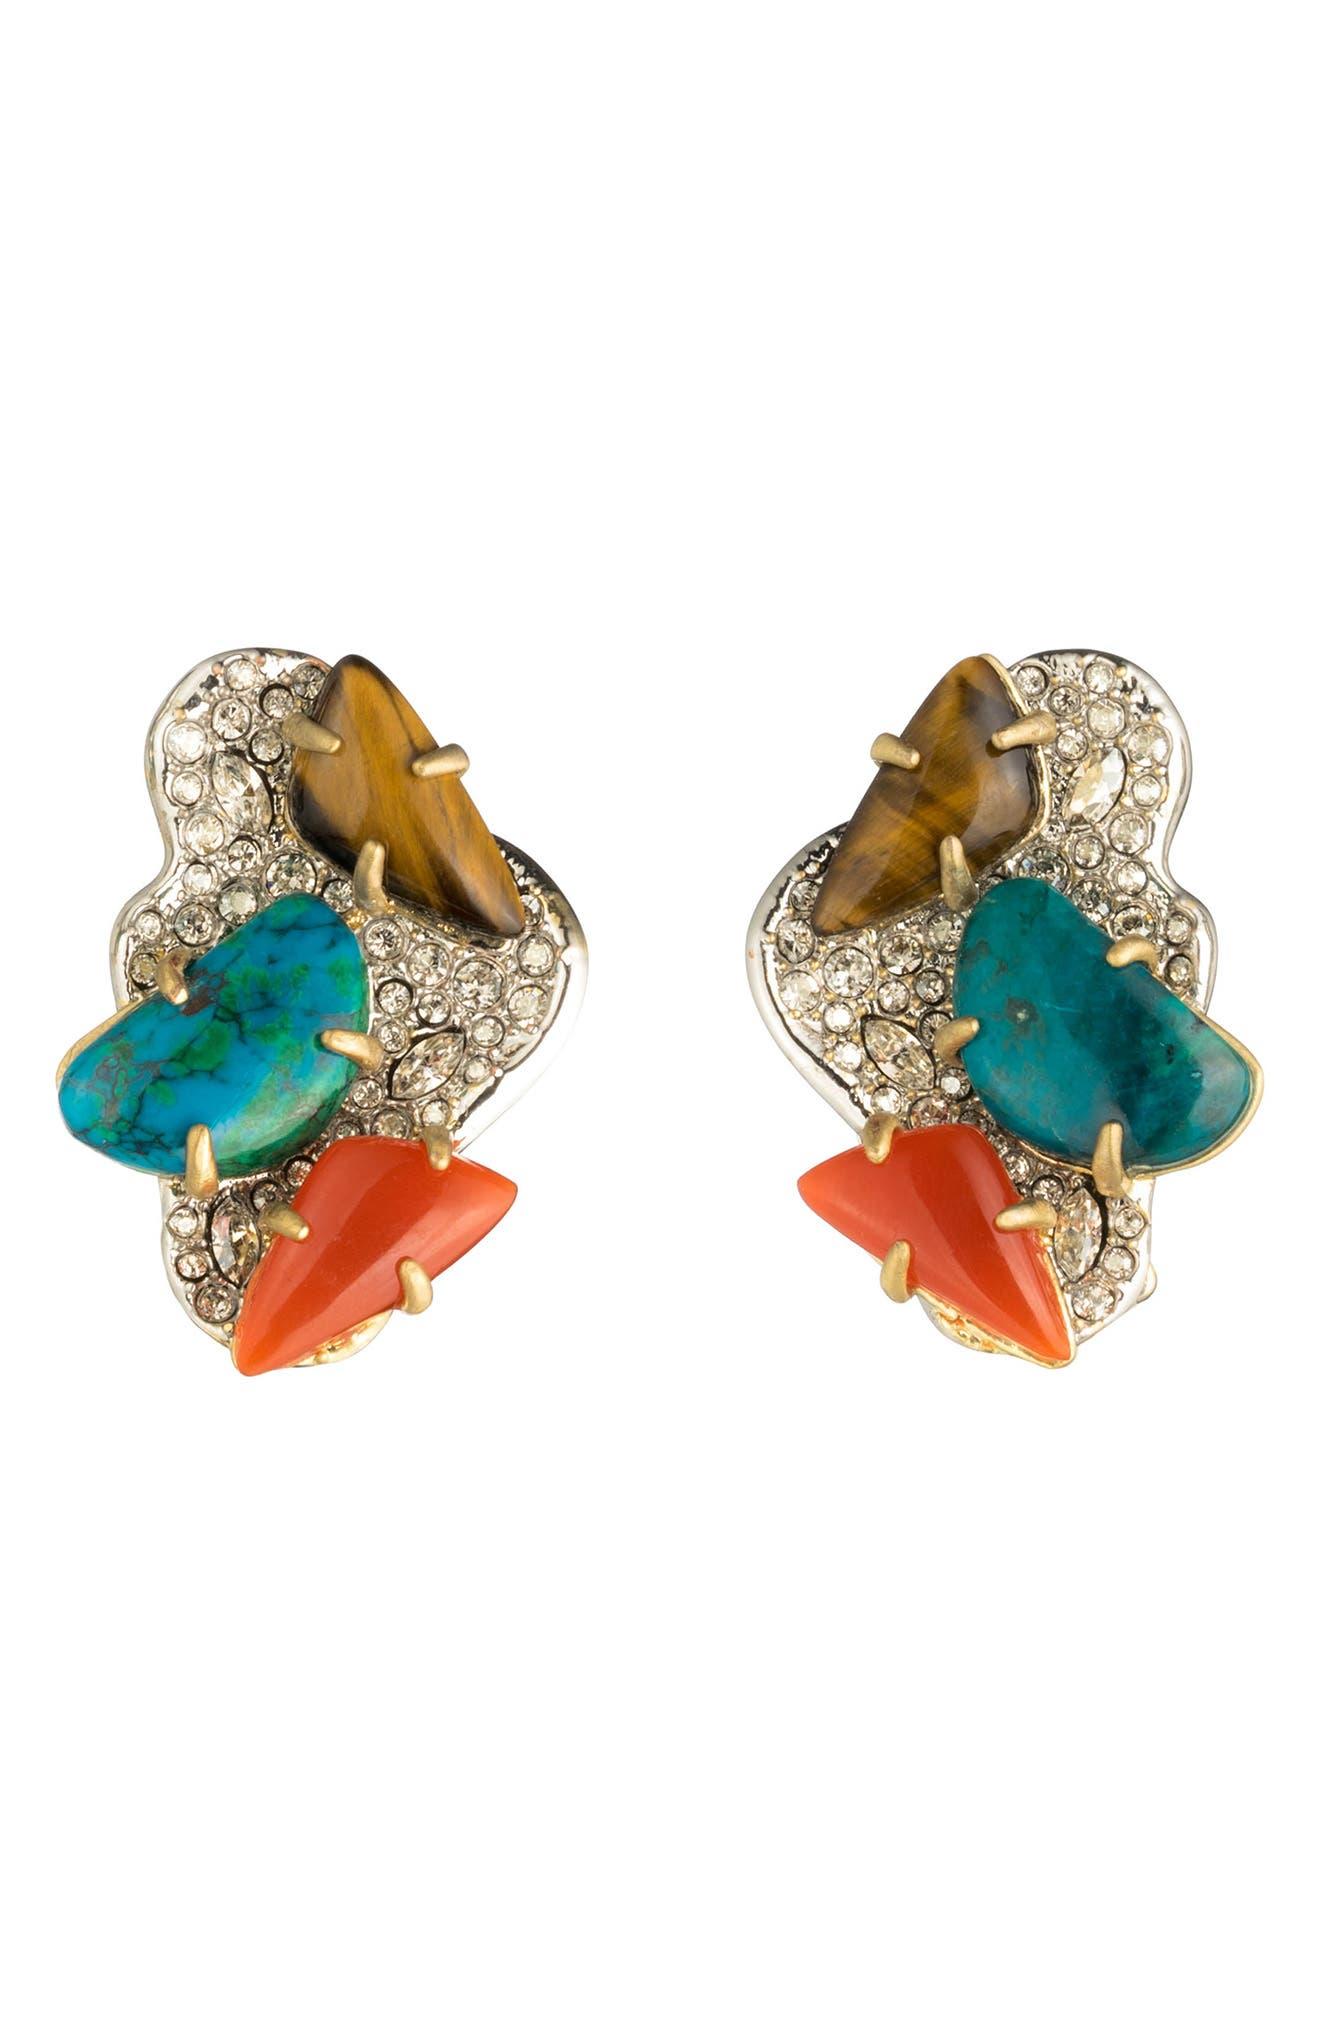 Alexis Bittar Roxbury Crystal Encrusted Earrings